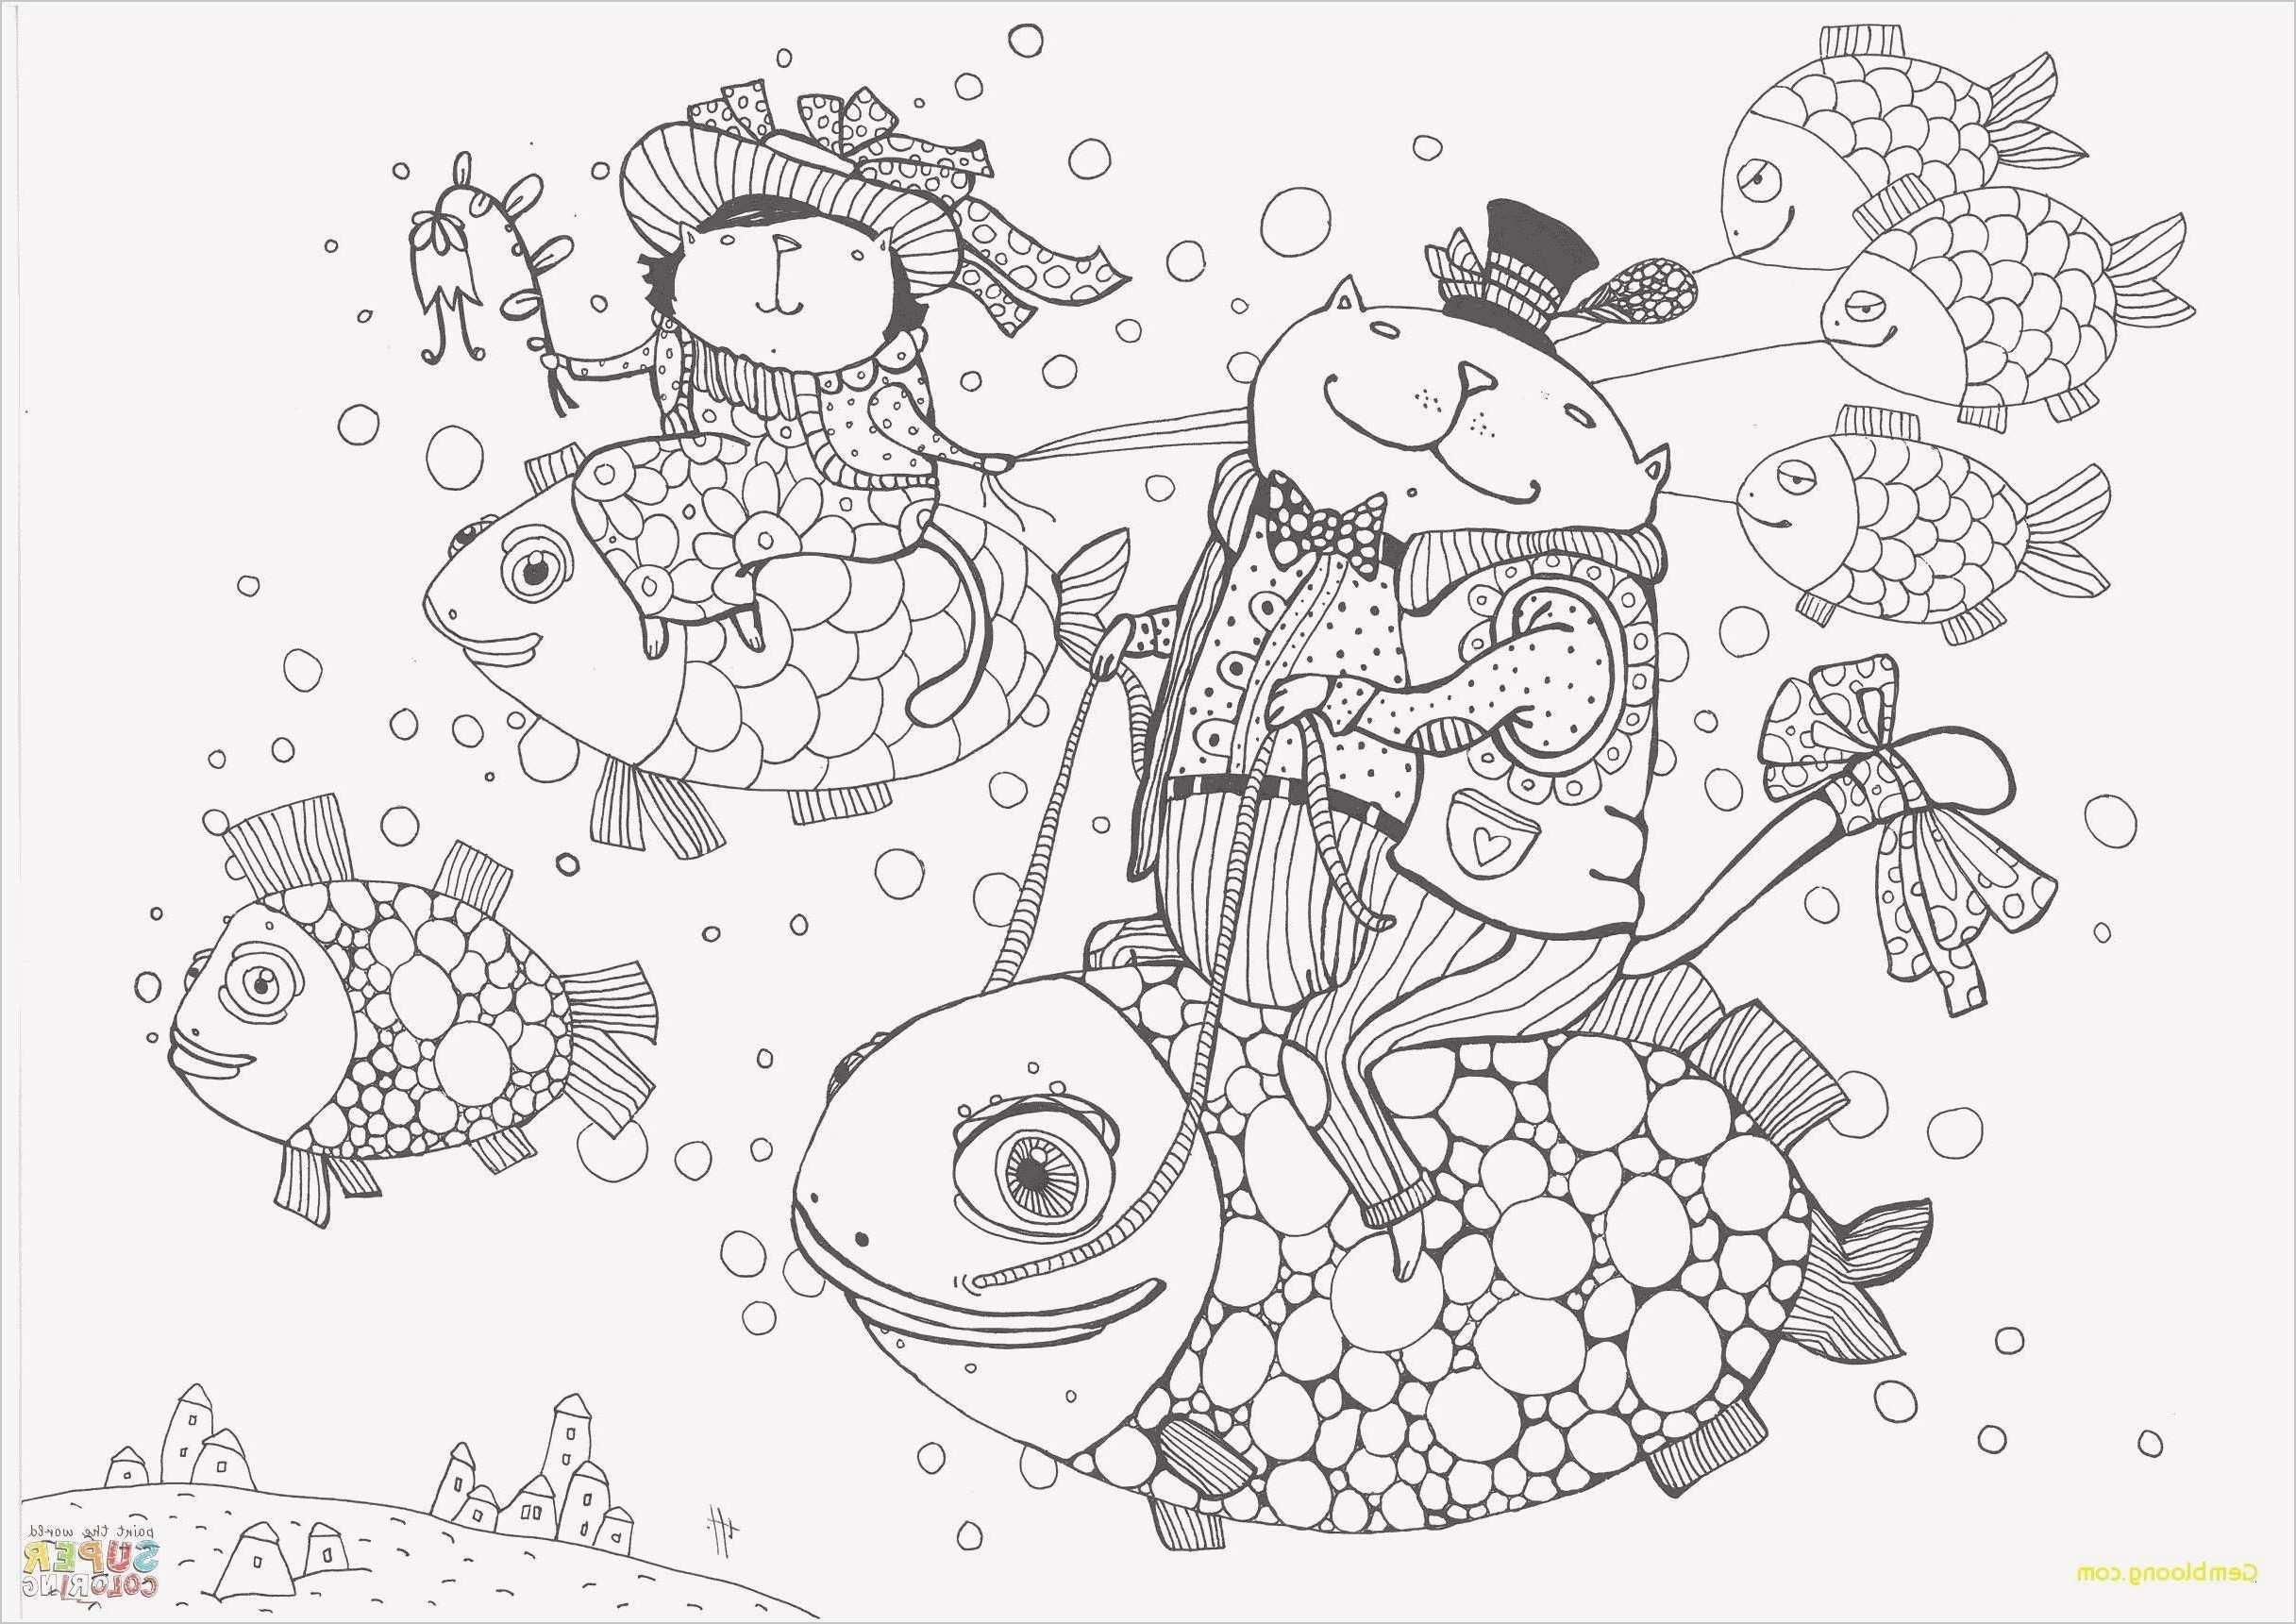 Ausmalbilder Weihnachten Kostenlos Drucken Neu Einfach Bastelvorlagen Zum Ausdrucken Weihnachten Kostenlos Stock